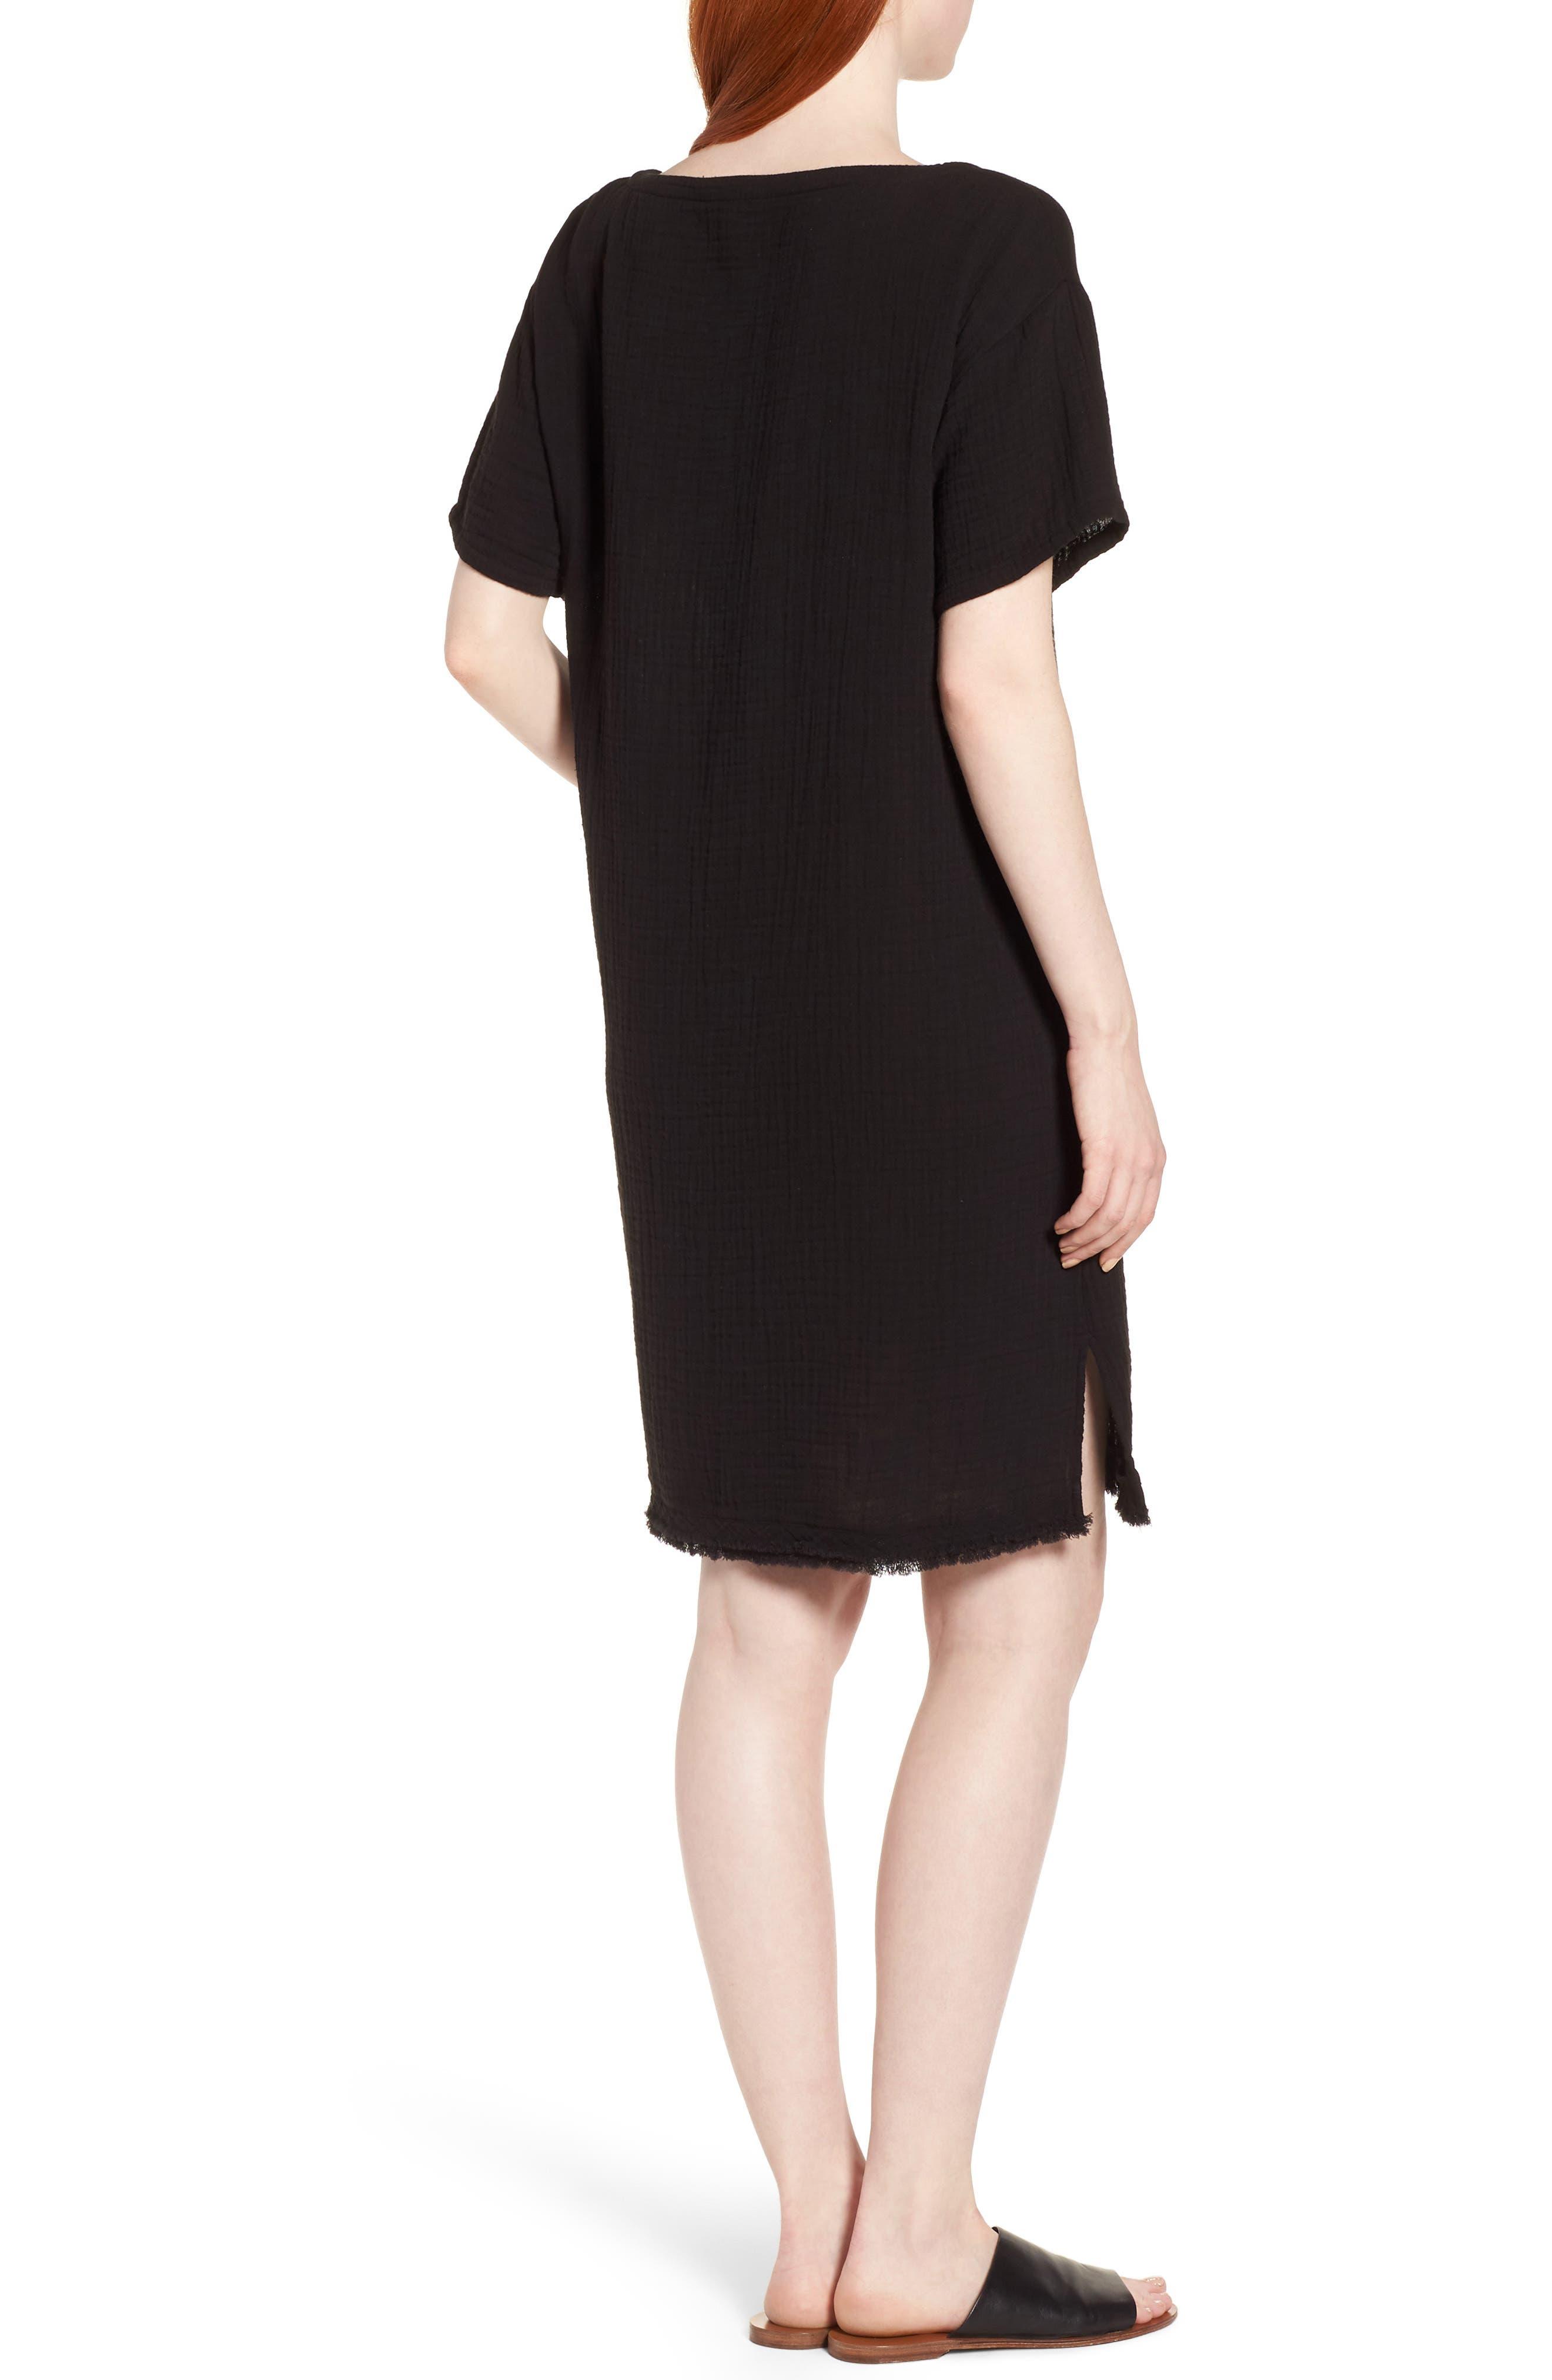 Organic Cotton Shift Dress,                             Alternate thumbnail 2, color,                             001